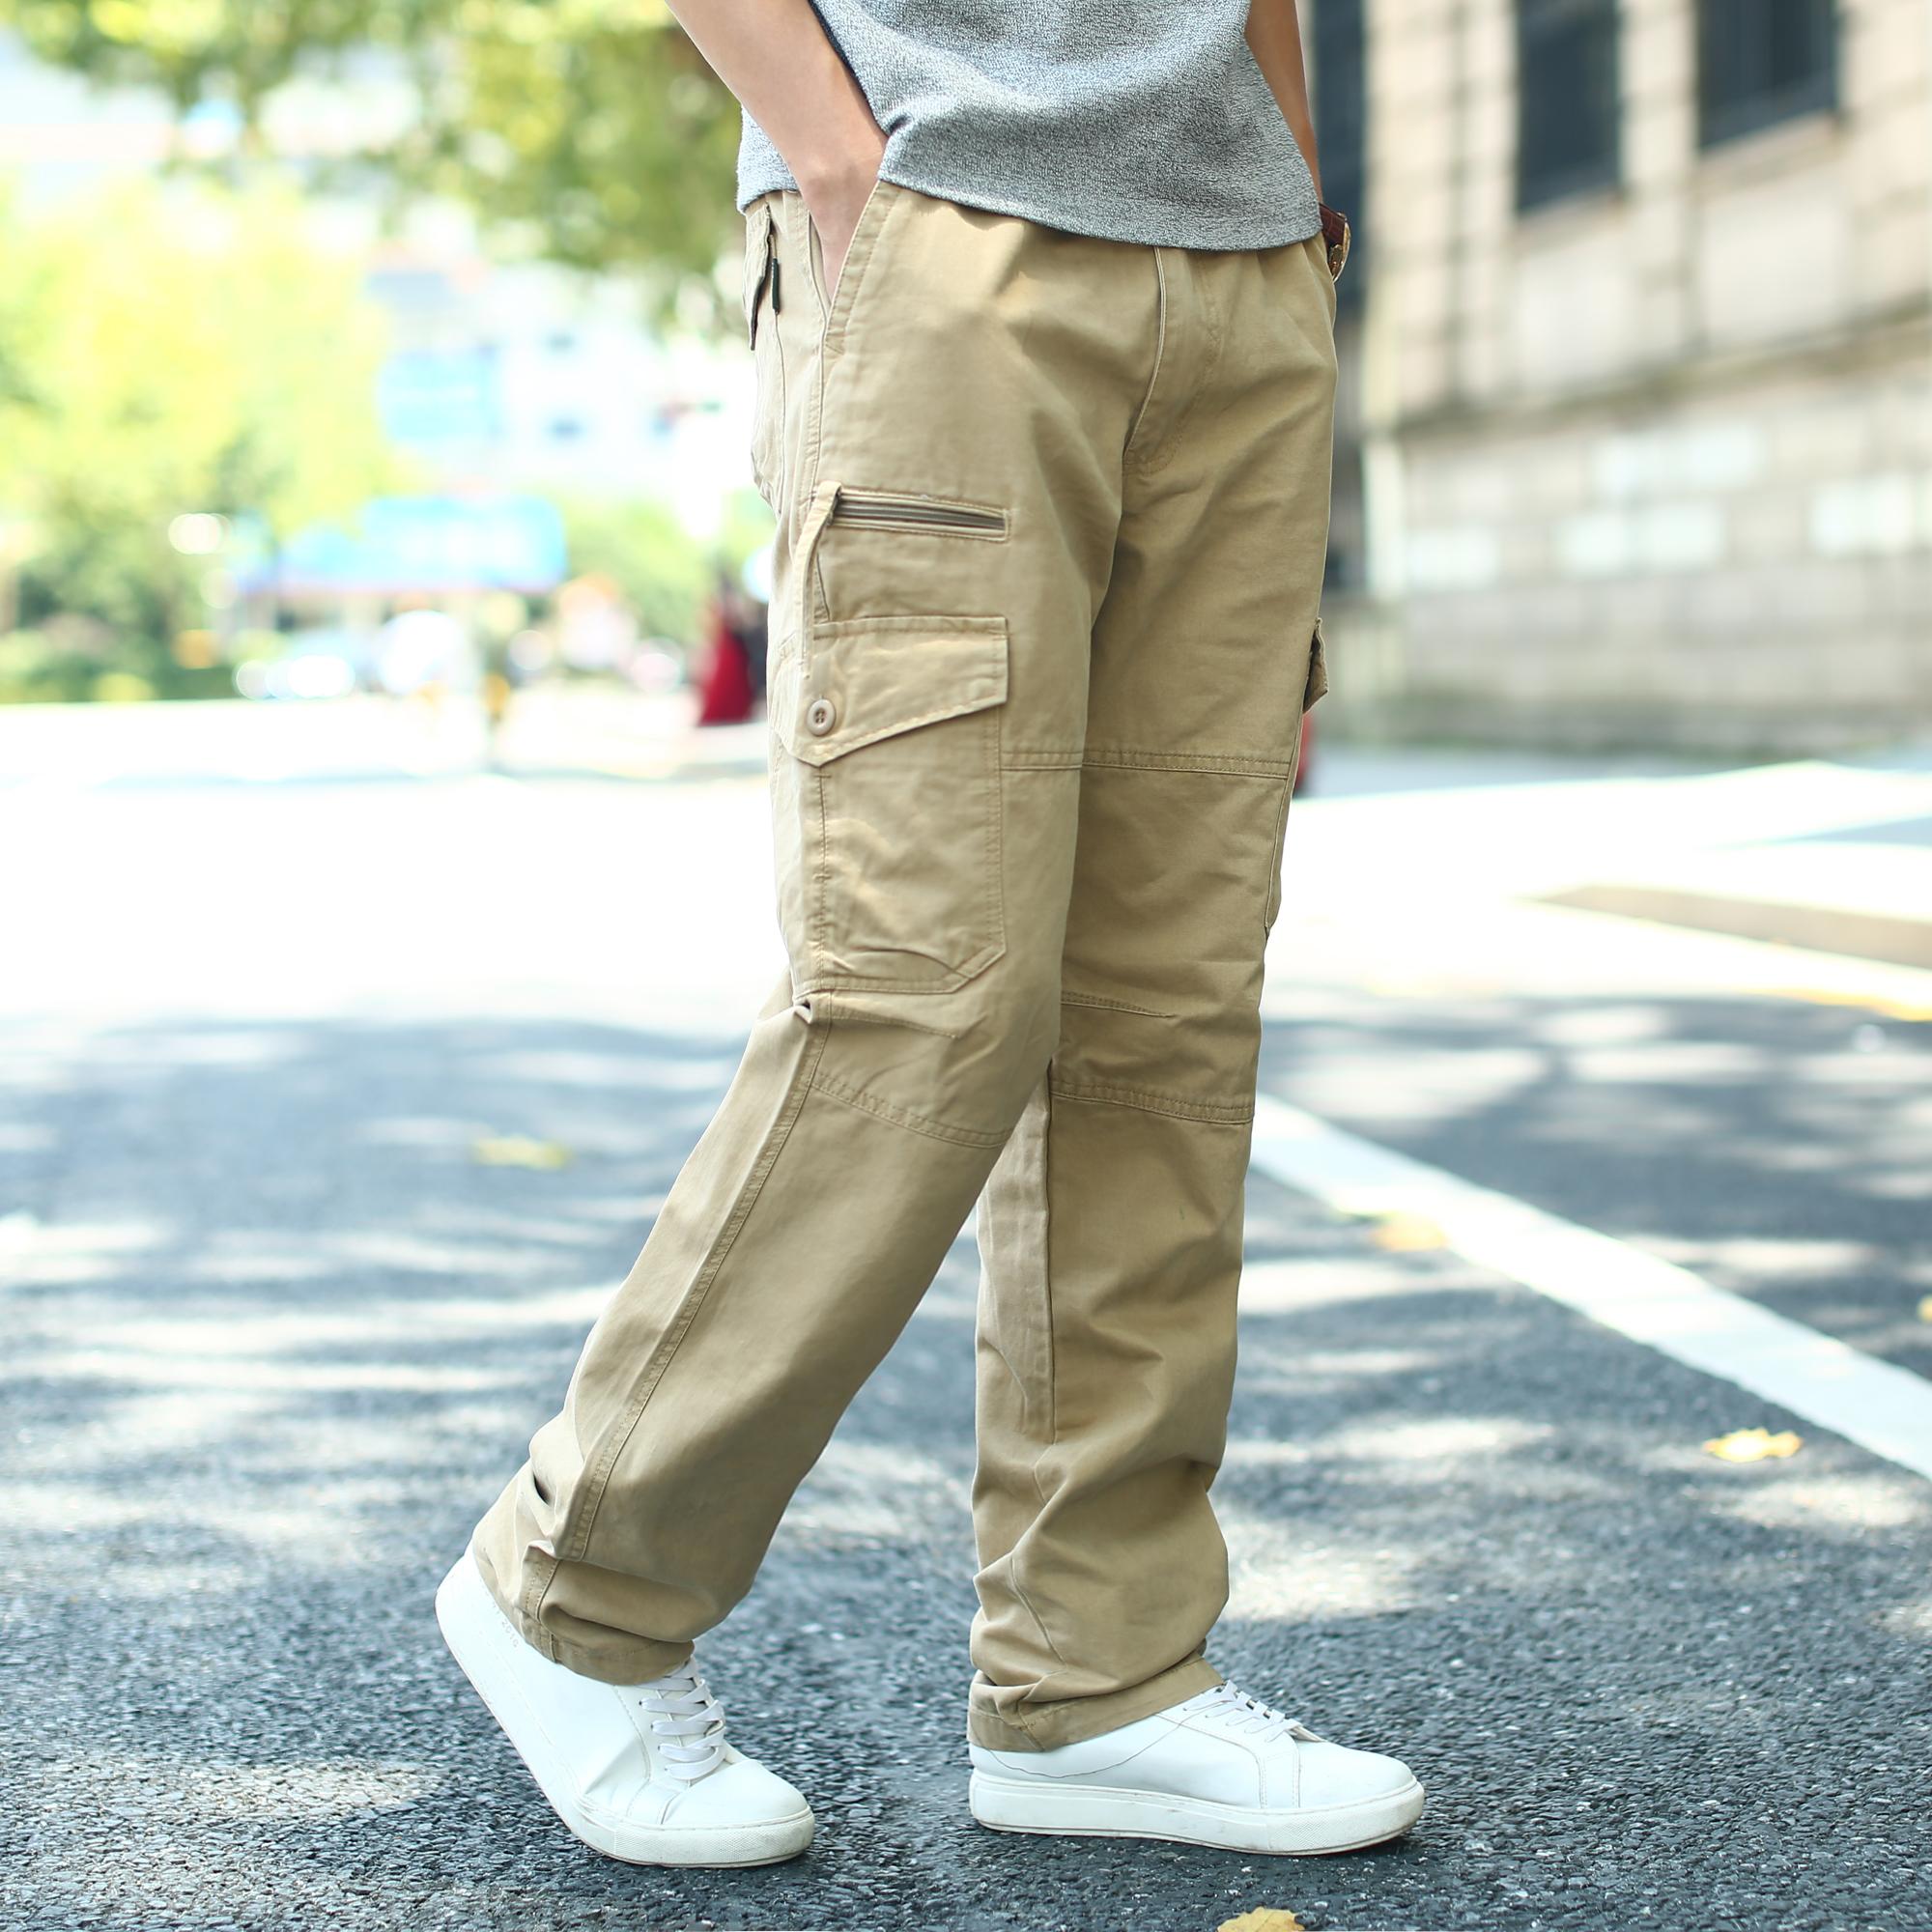 [해외]2017 가을 겨울 남성용 스커트 멀티 포켓 카고 스트레이트 팬츠 남성용 사이즈 S-7XL 50 48 46 44 42 40 38 36/2017 Autumn Winter Men&s TrousersMulti Pocket Cargo Straight Pants Men